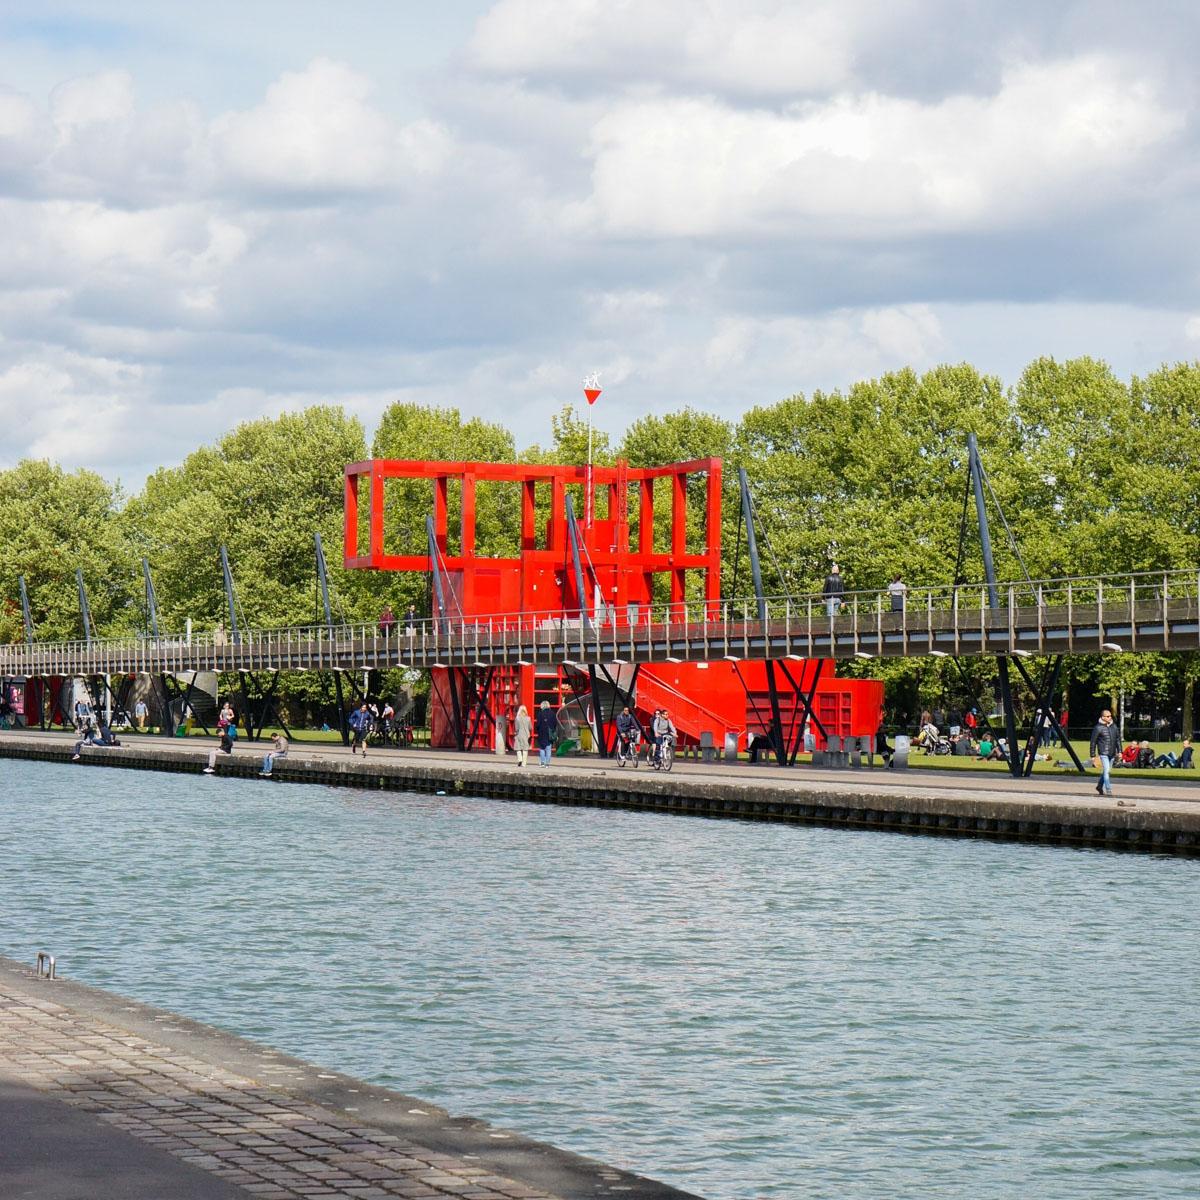 parc de la villette, espaces verts paris, paris 19, paris 19ème, parc paris, parc paris 19ème, péniche cinéma, quai de la marne